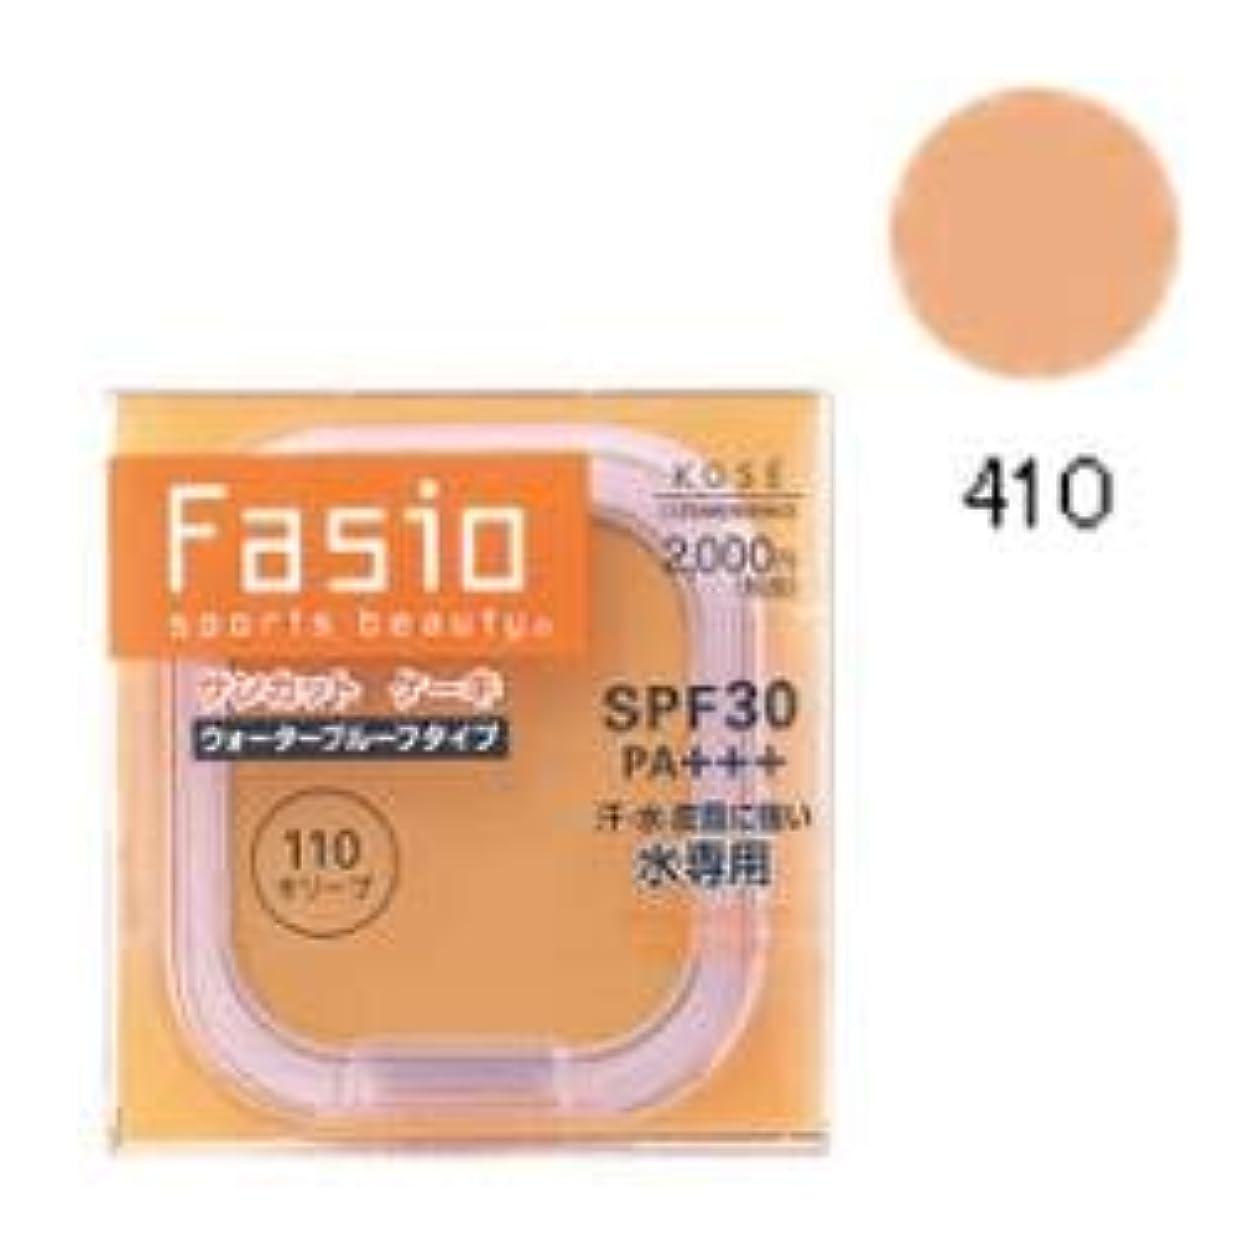 窒息させる具体的に充電コーセー Fasio ファシオ サンカット ケーキ 詰め替え用 410